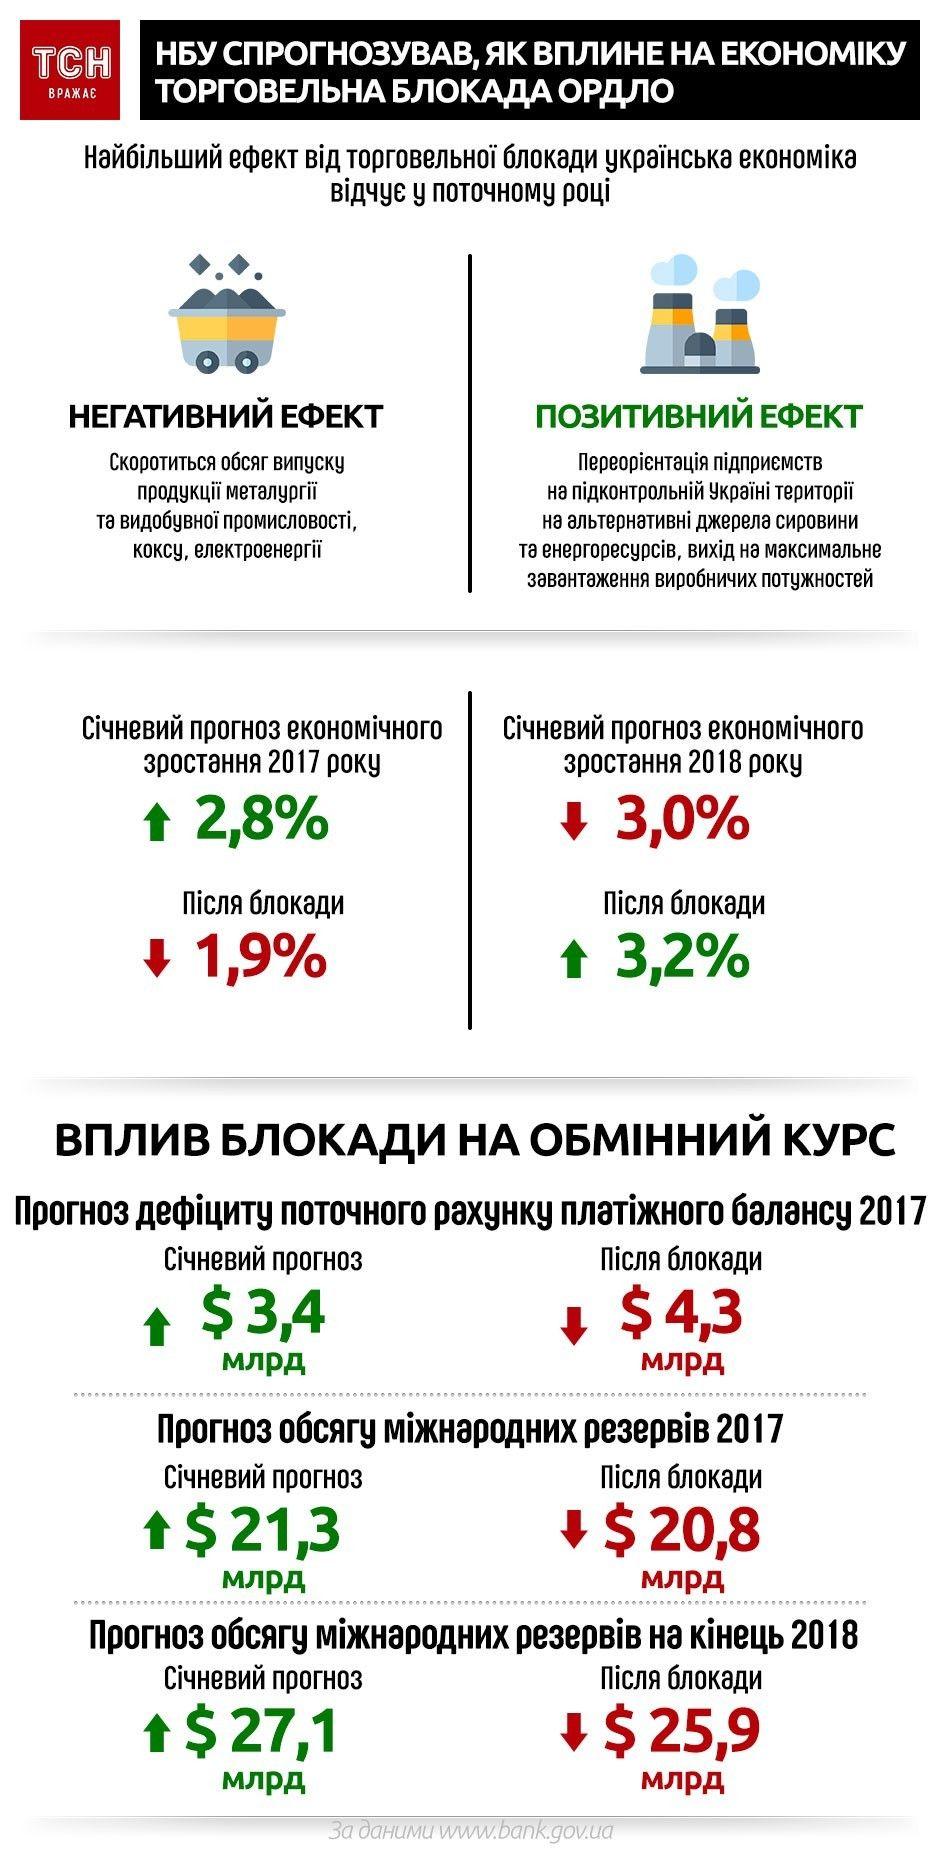 НБУ спрогнозував, як вплине на економіку торгівельна блокада ОРДЛО, інфографіка